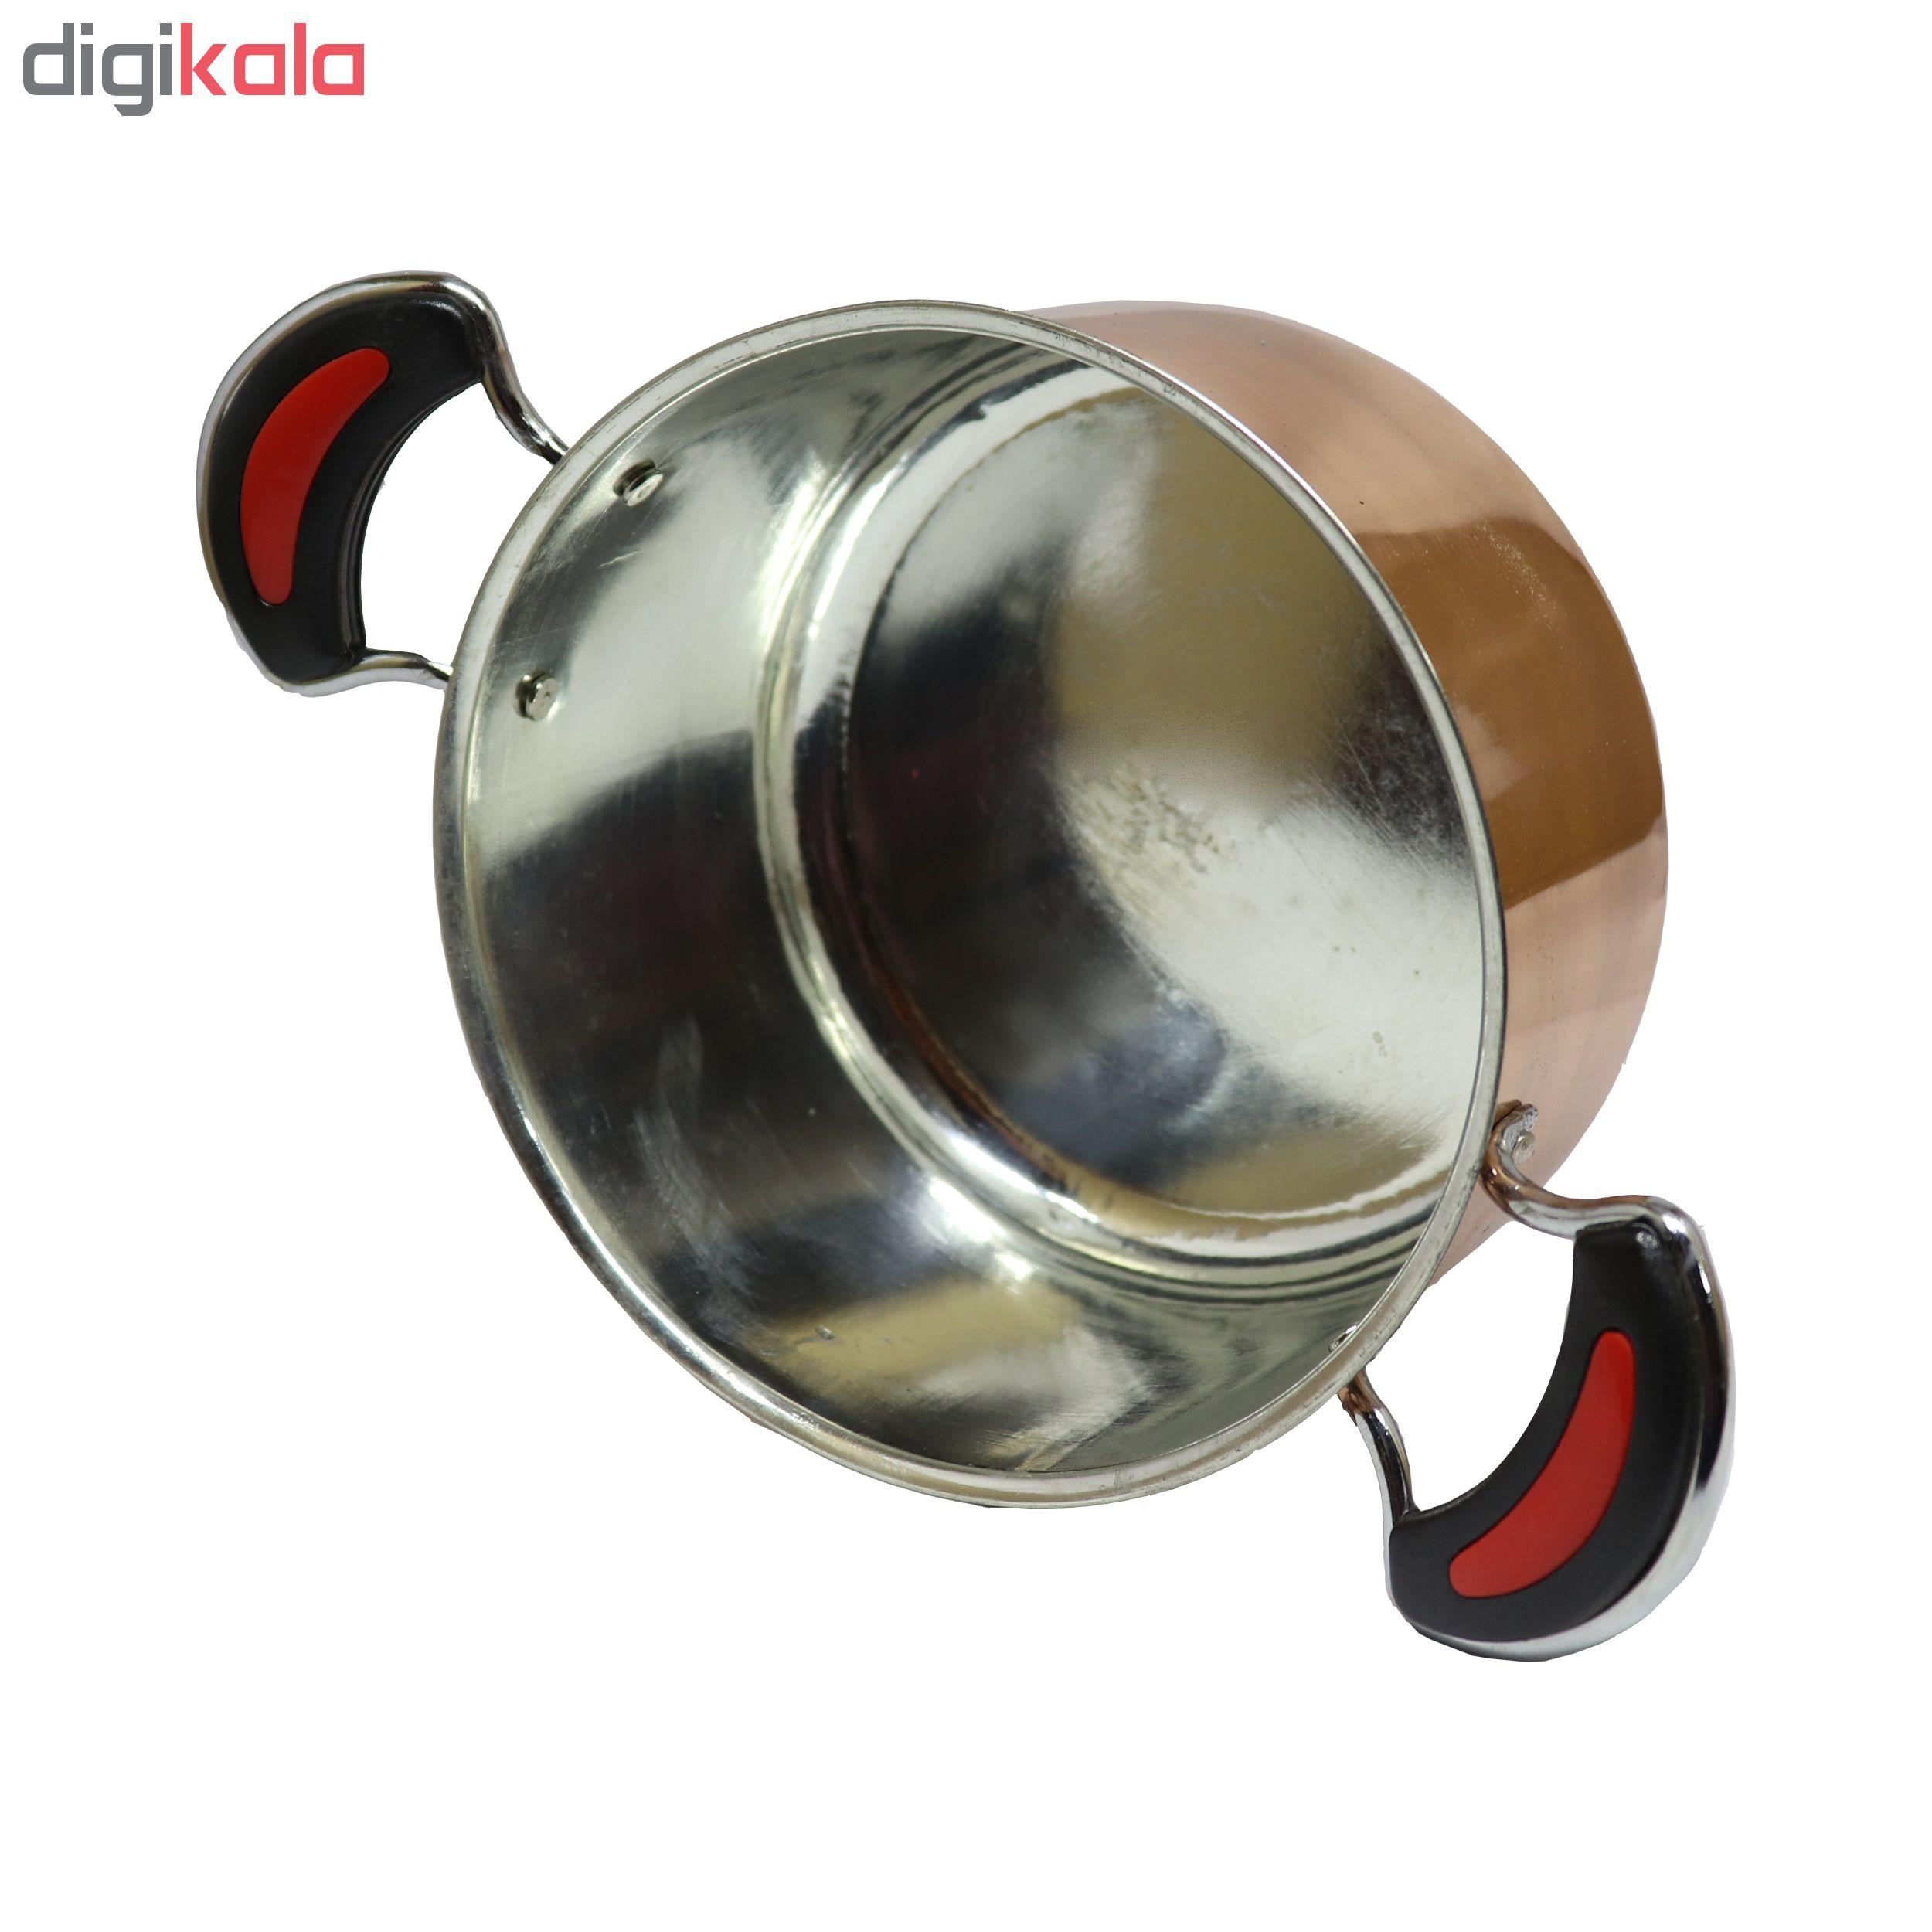 copper pan set, Model TORANG, Code 6